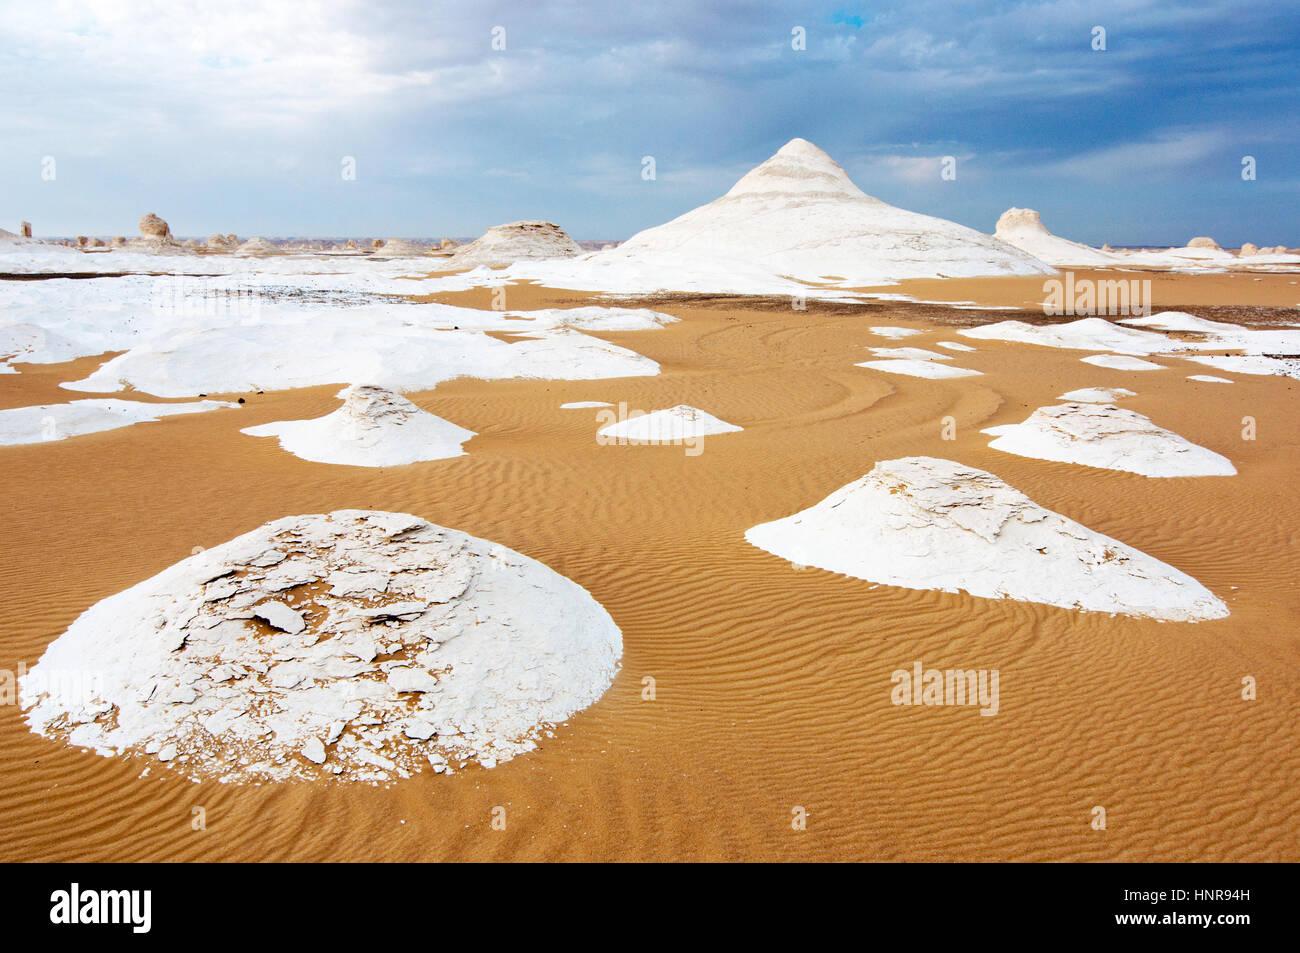 Rocce nel Grande deserto bianco in Egitto Immagini Stock